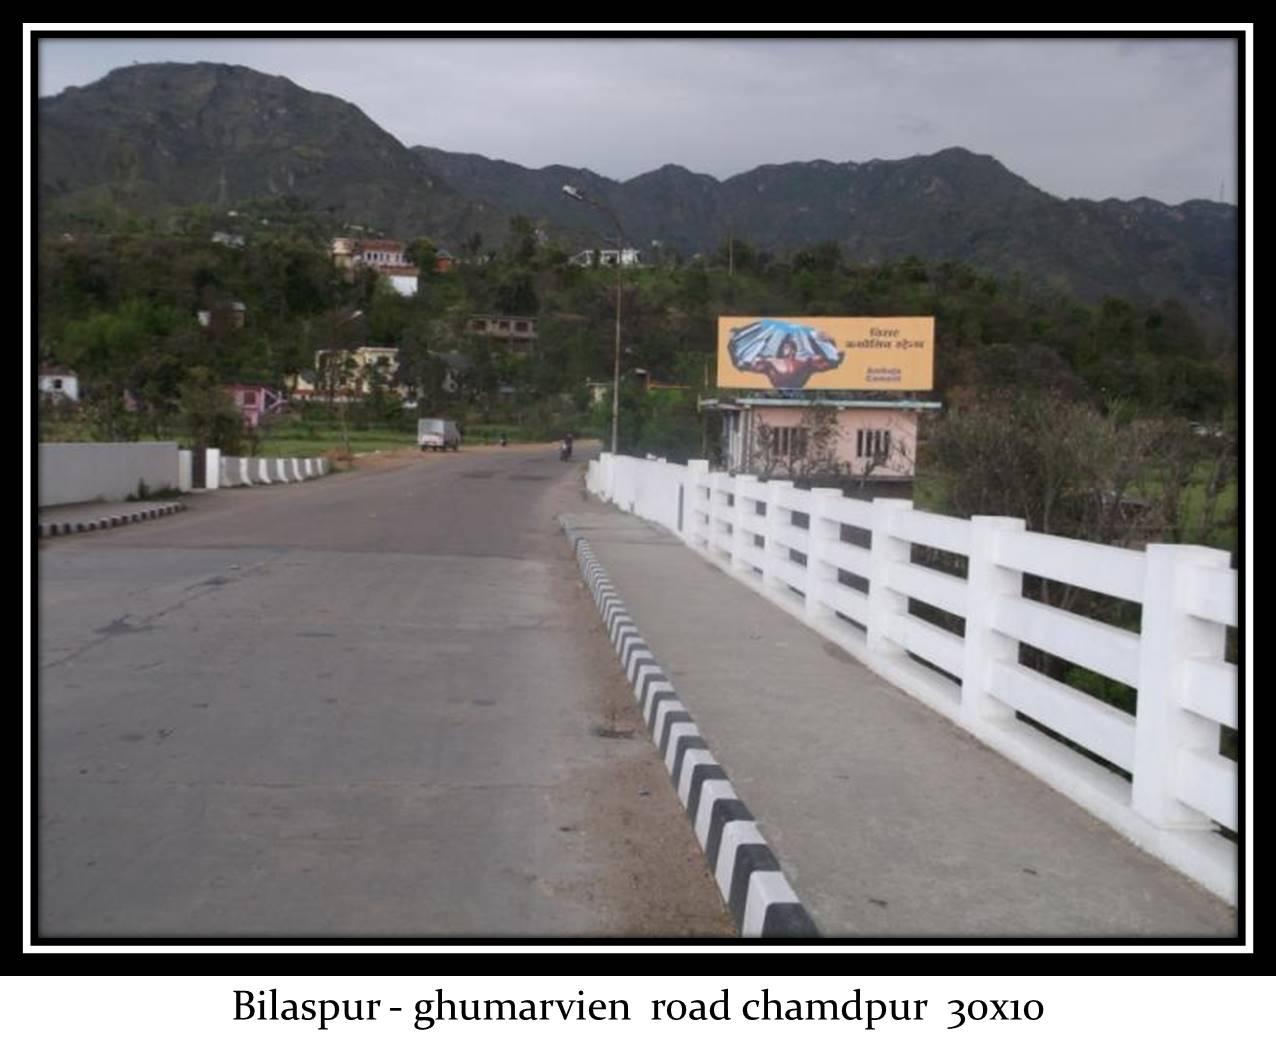 Ghumarvien  road chamdpur, Bilaspur